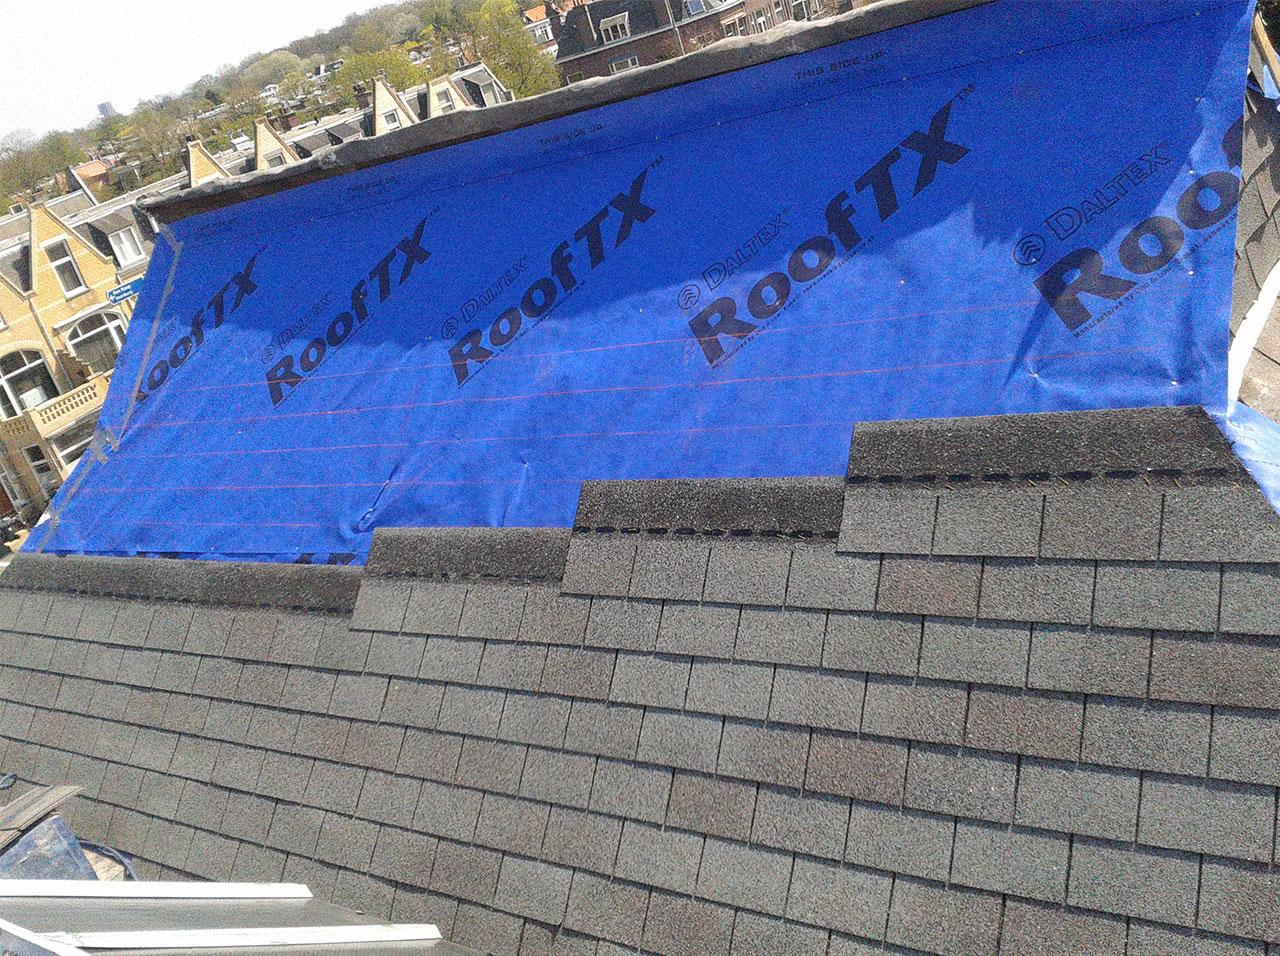 compleet shingledak vervangen inclusief de zinken dakgoten en zinken daken van de dakkapellen